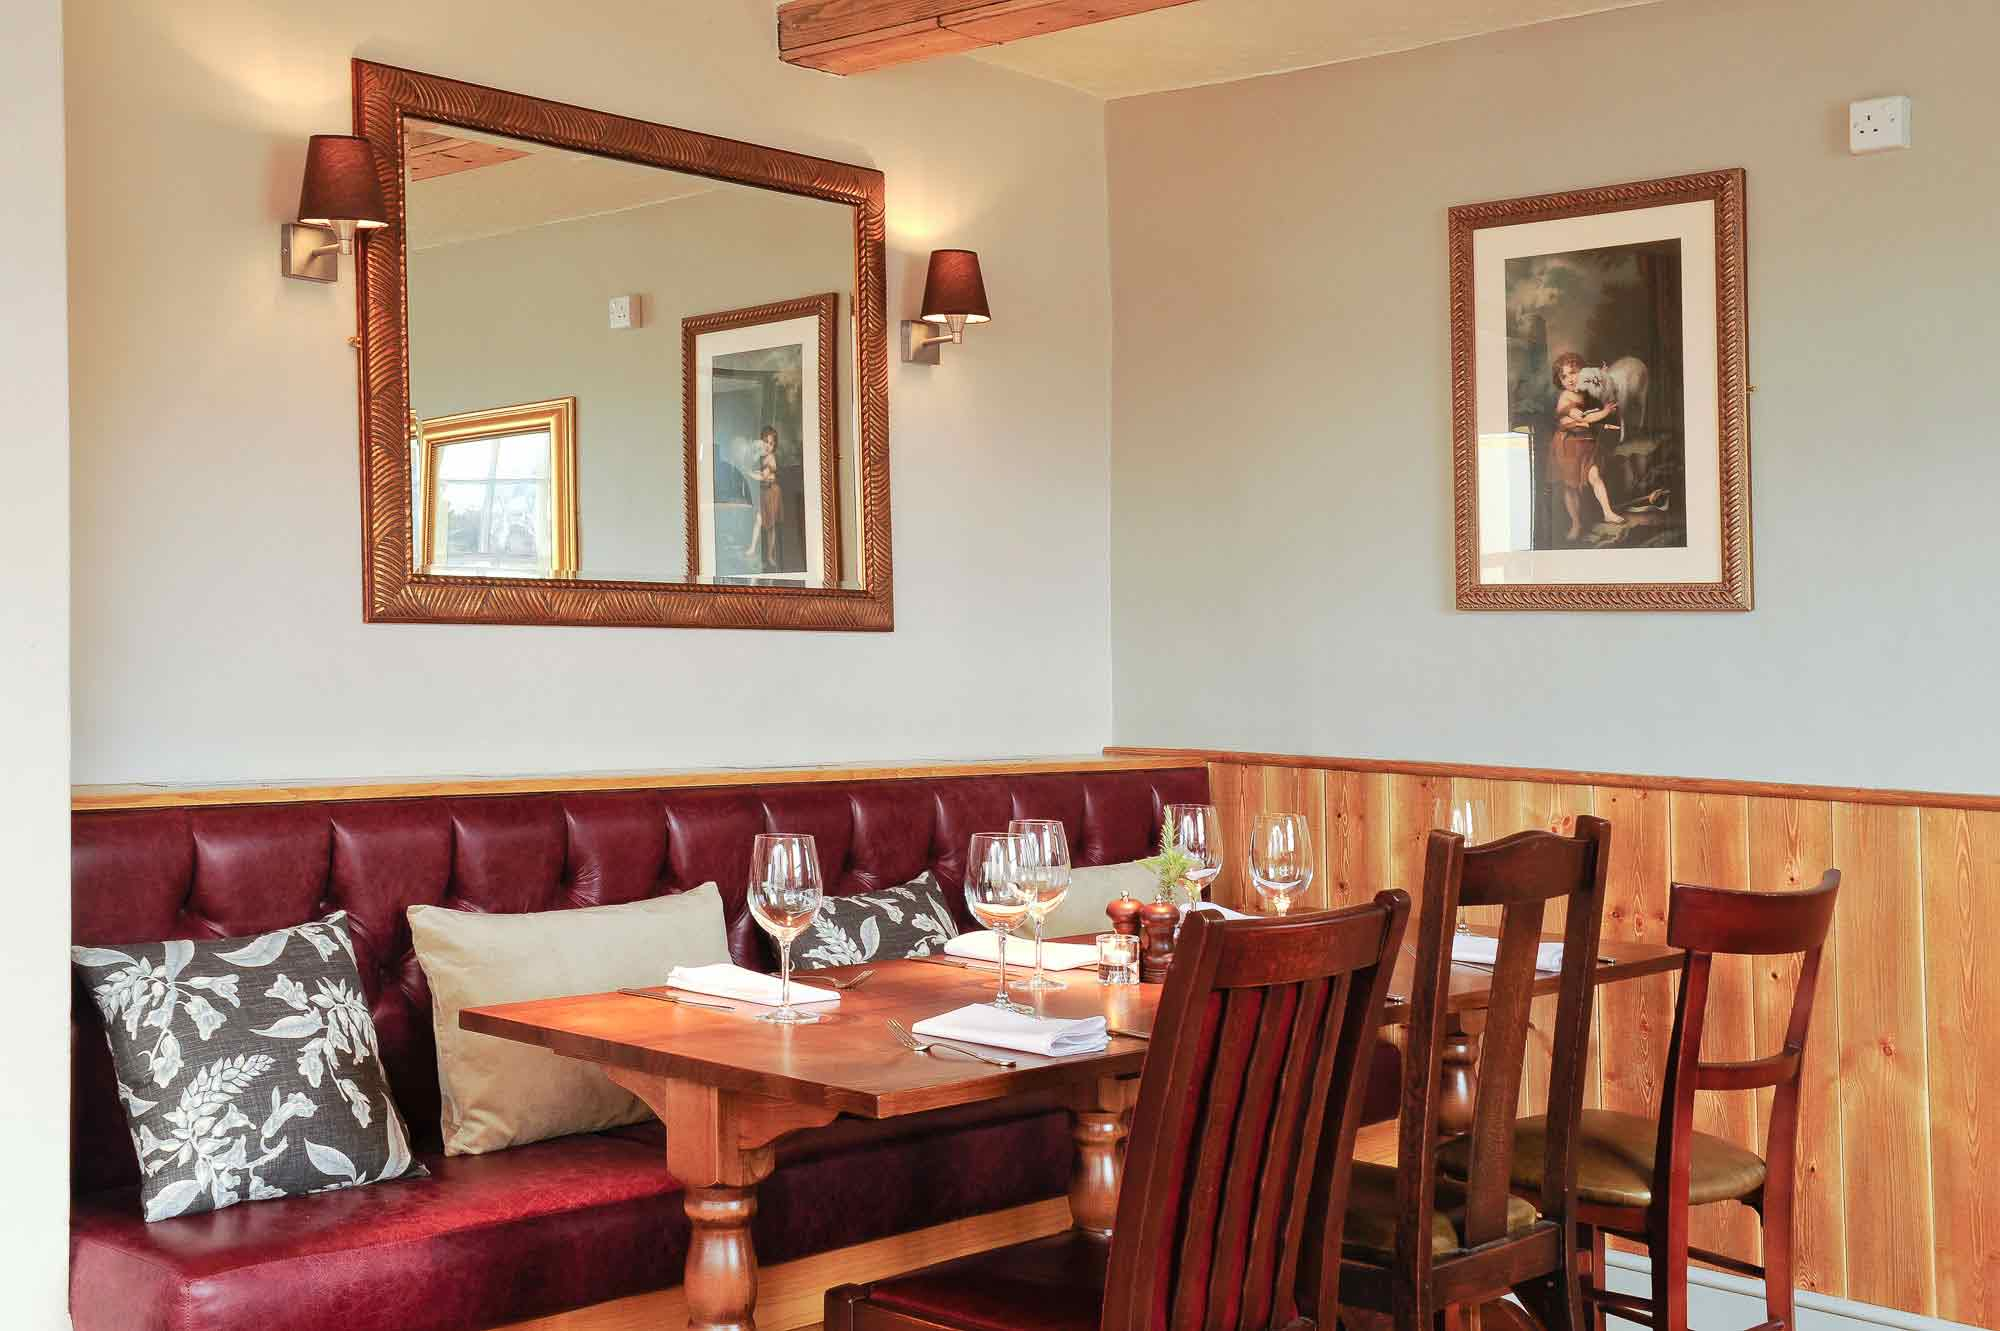 gastro pub in West Sussex